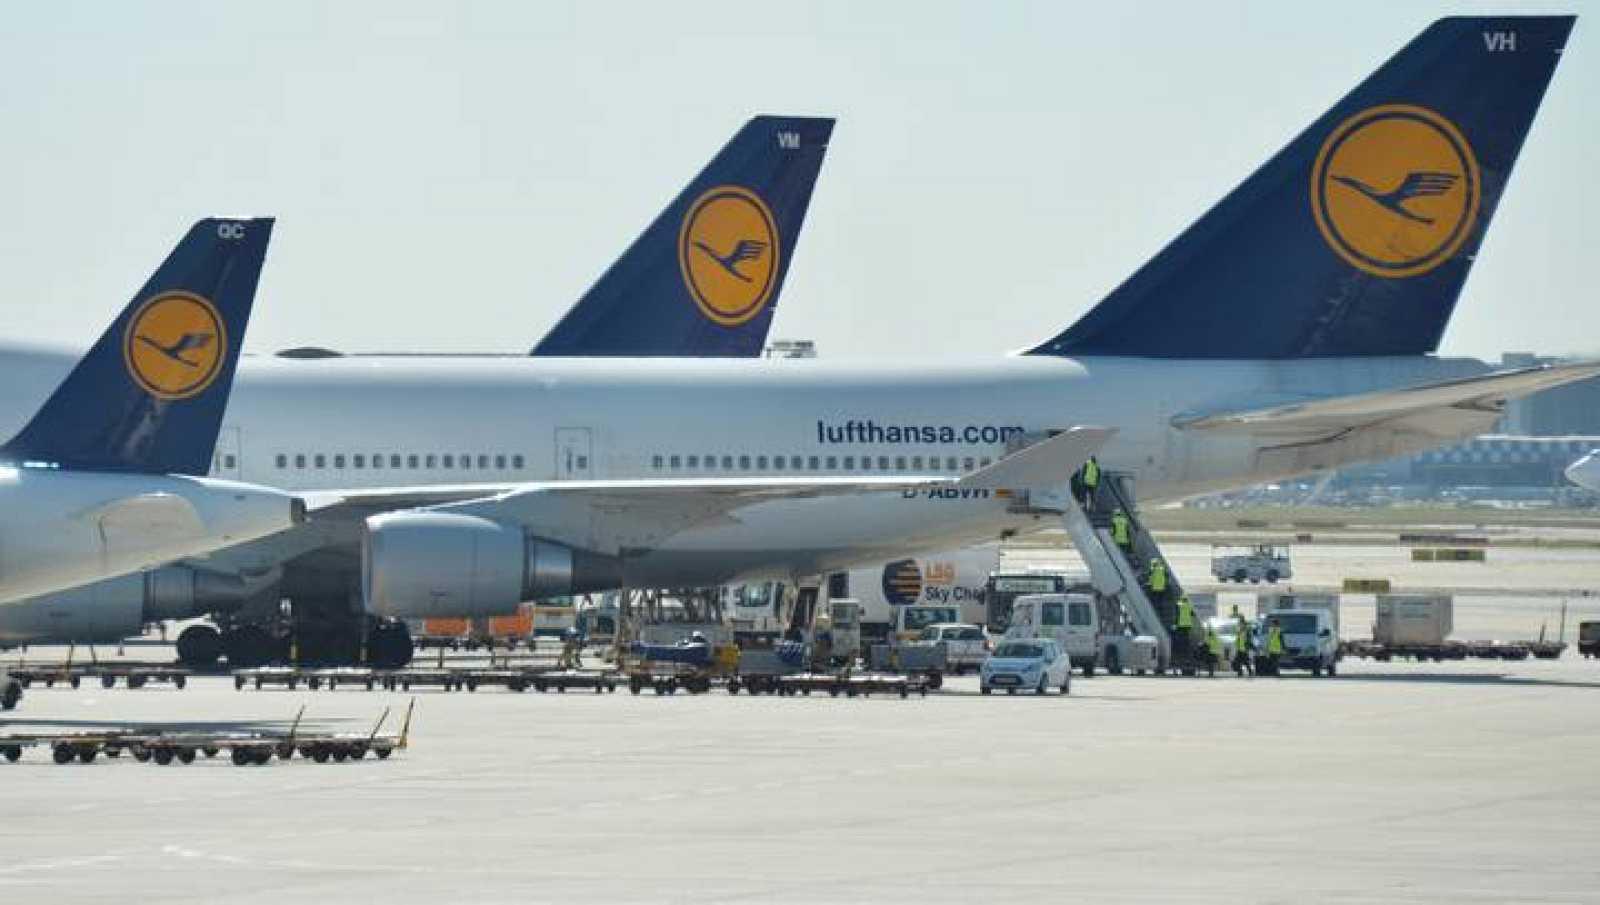 27.136.678 pasajeros utilizaron el aeropuerto de Fráncfort